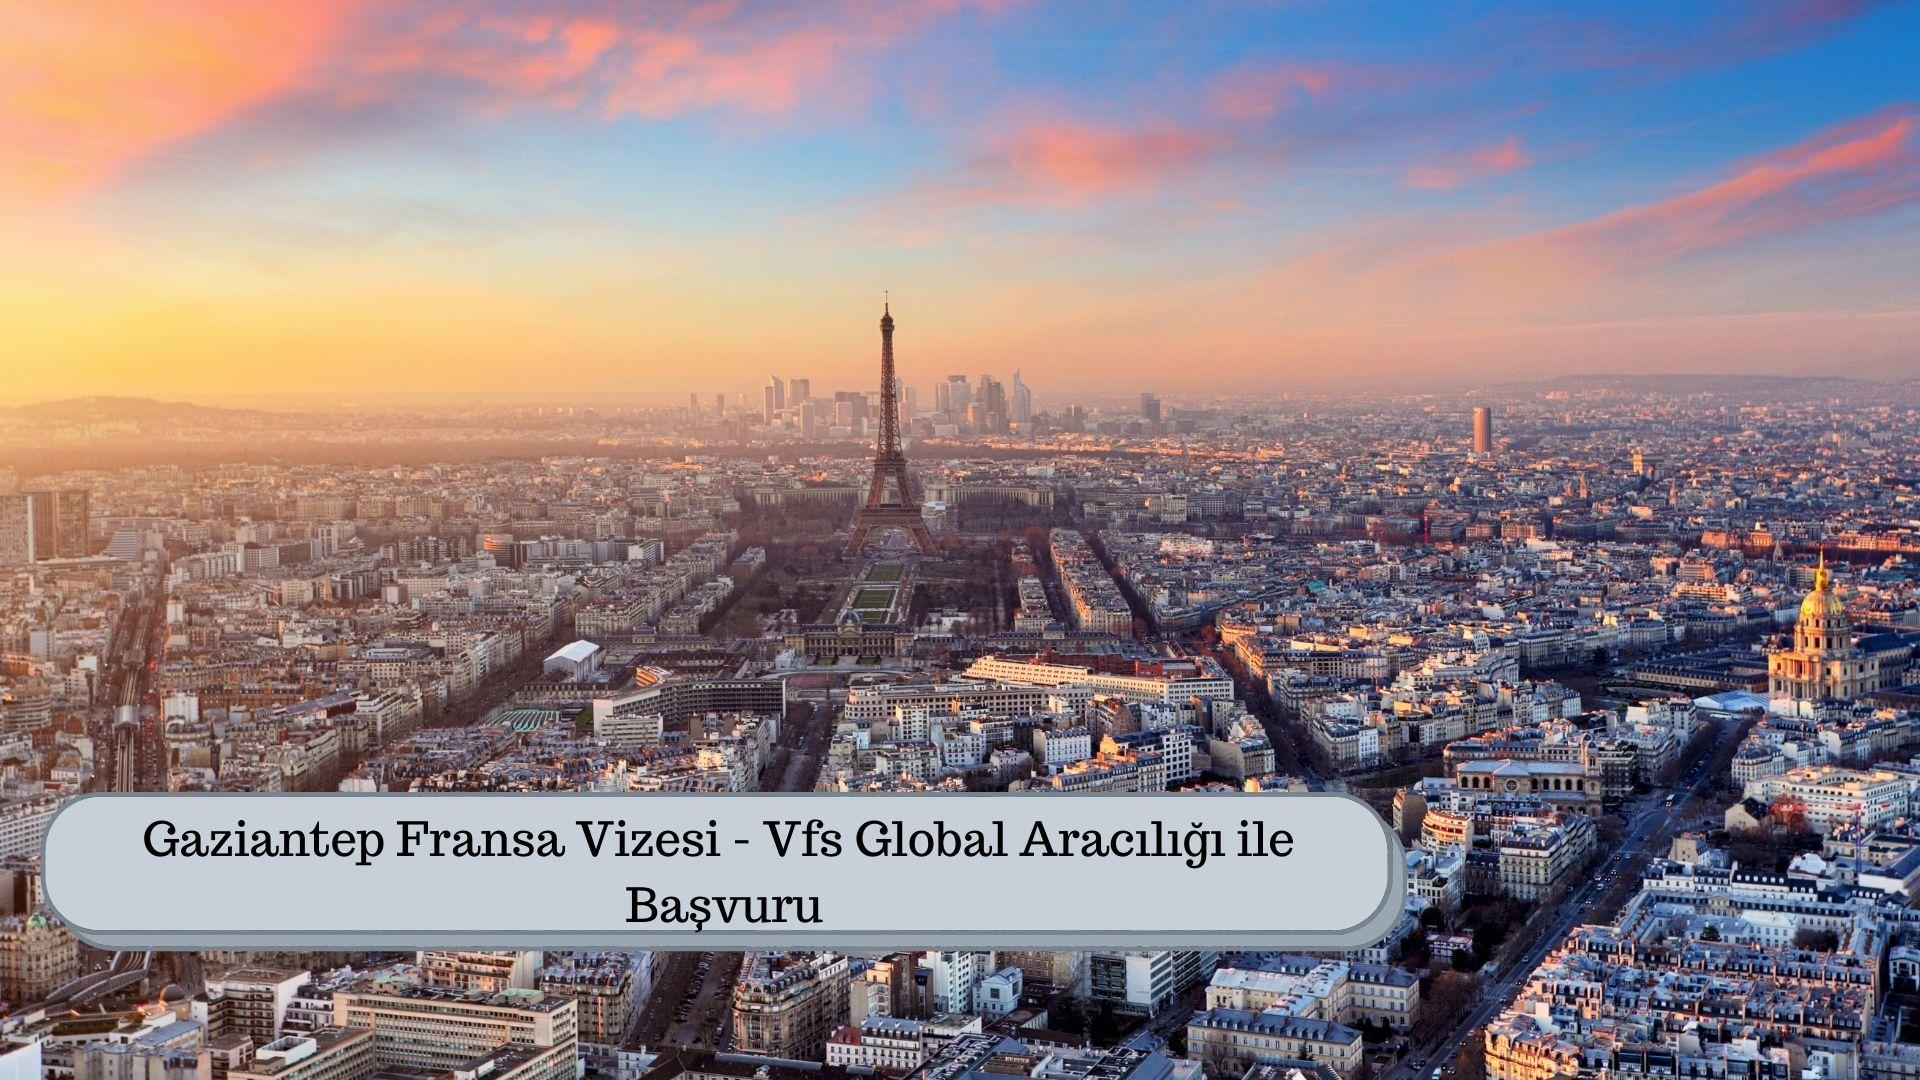 Gaziantep Fransa Vizesi – Vfs Global Aracılığı ile Başvuru